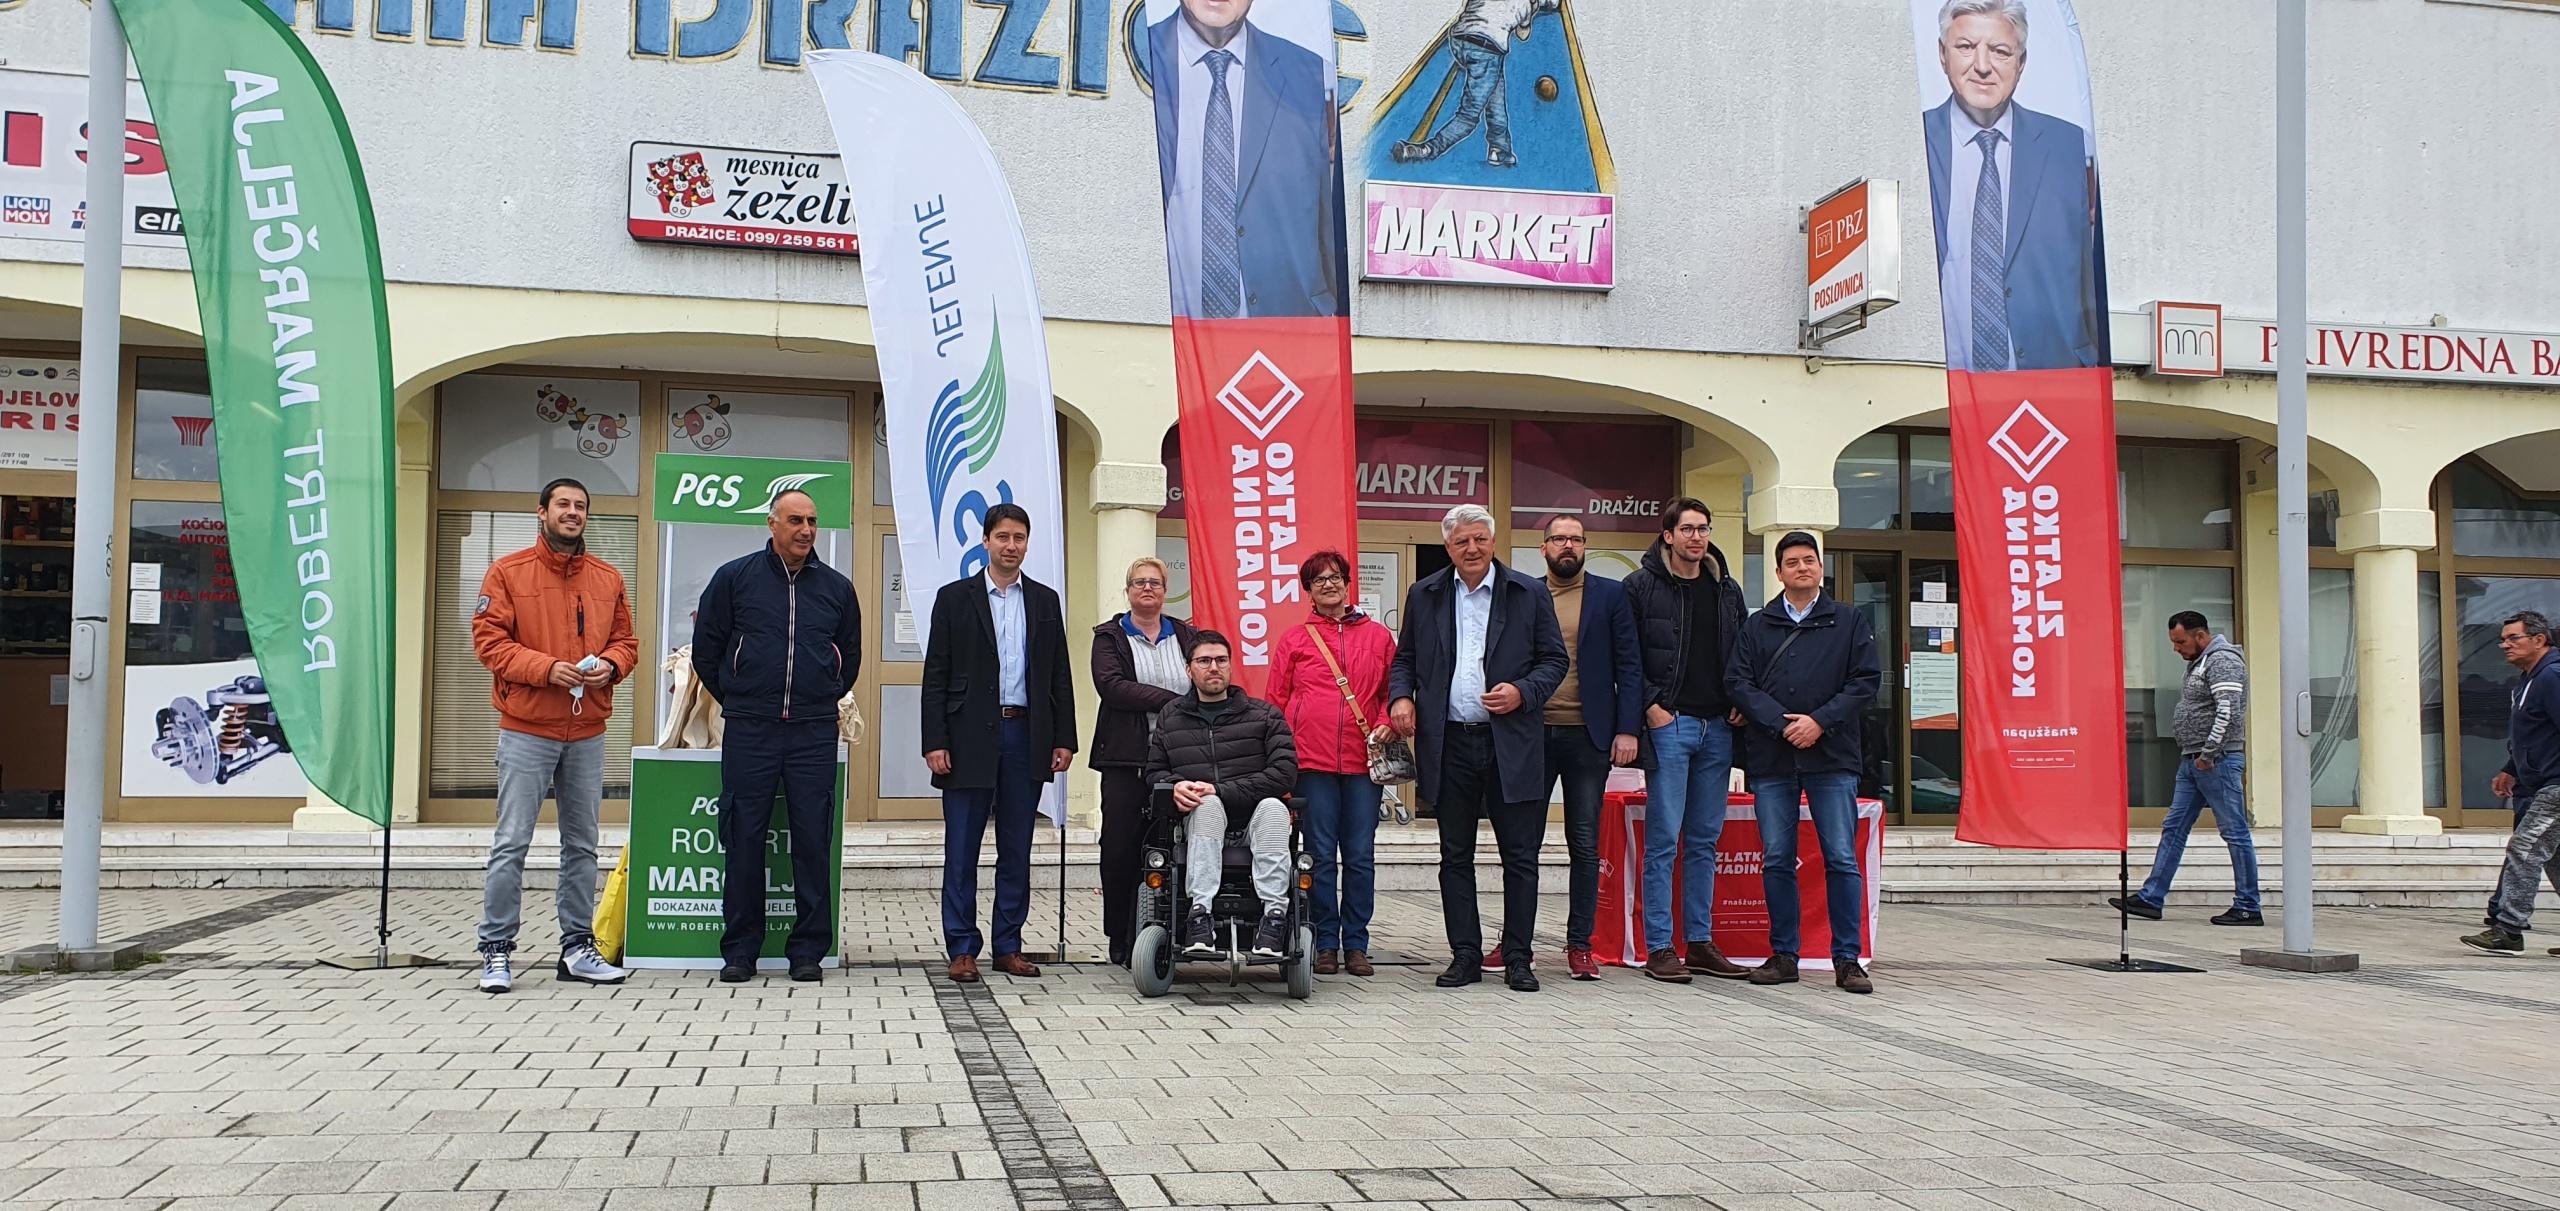 Stabilnost i kontinuirani razvoj: Župan Zlatko Komadina dao podršku Robertu Marčelji